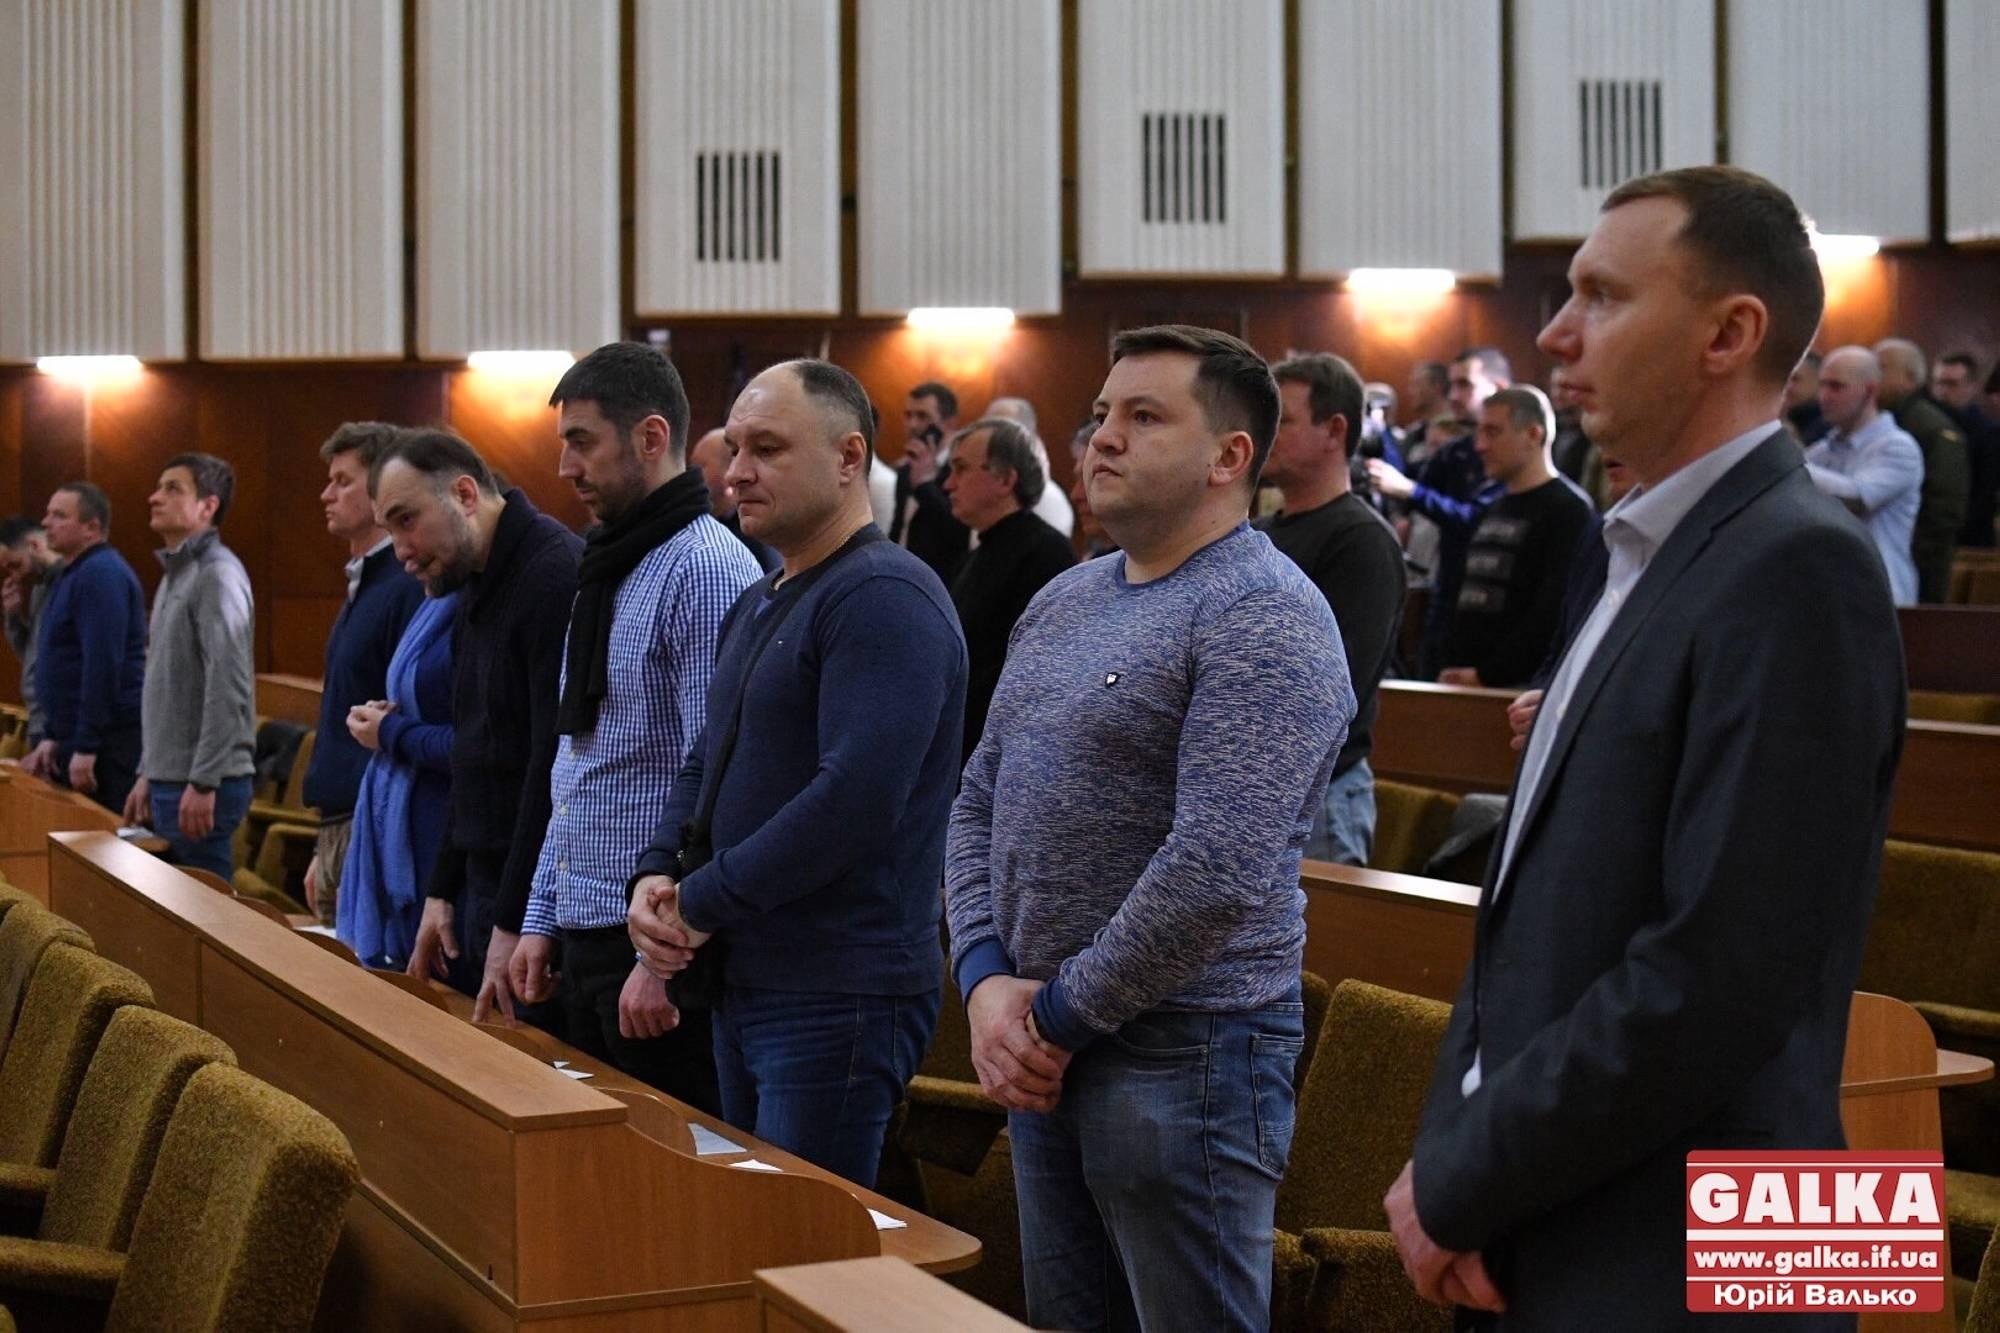 Депутати міськради закликають покарати Кучму та Єрмака за держзраду (ФОТО)